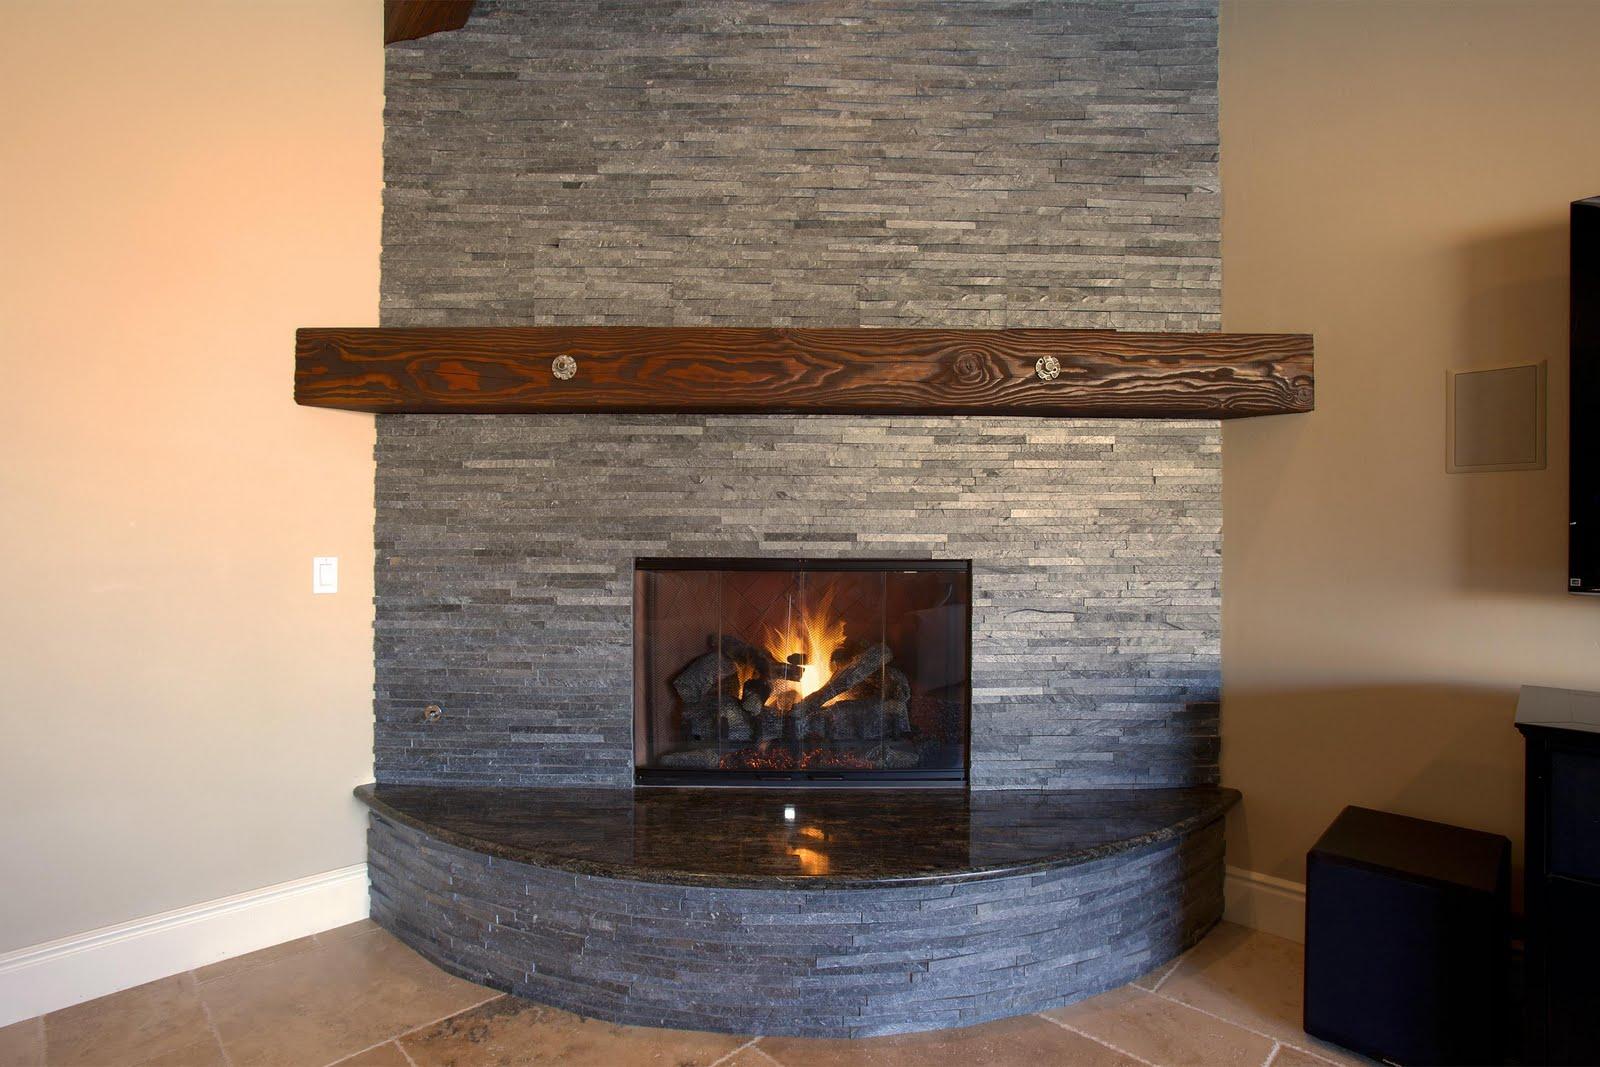 Фото камина, облицованного шамотной плиткой